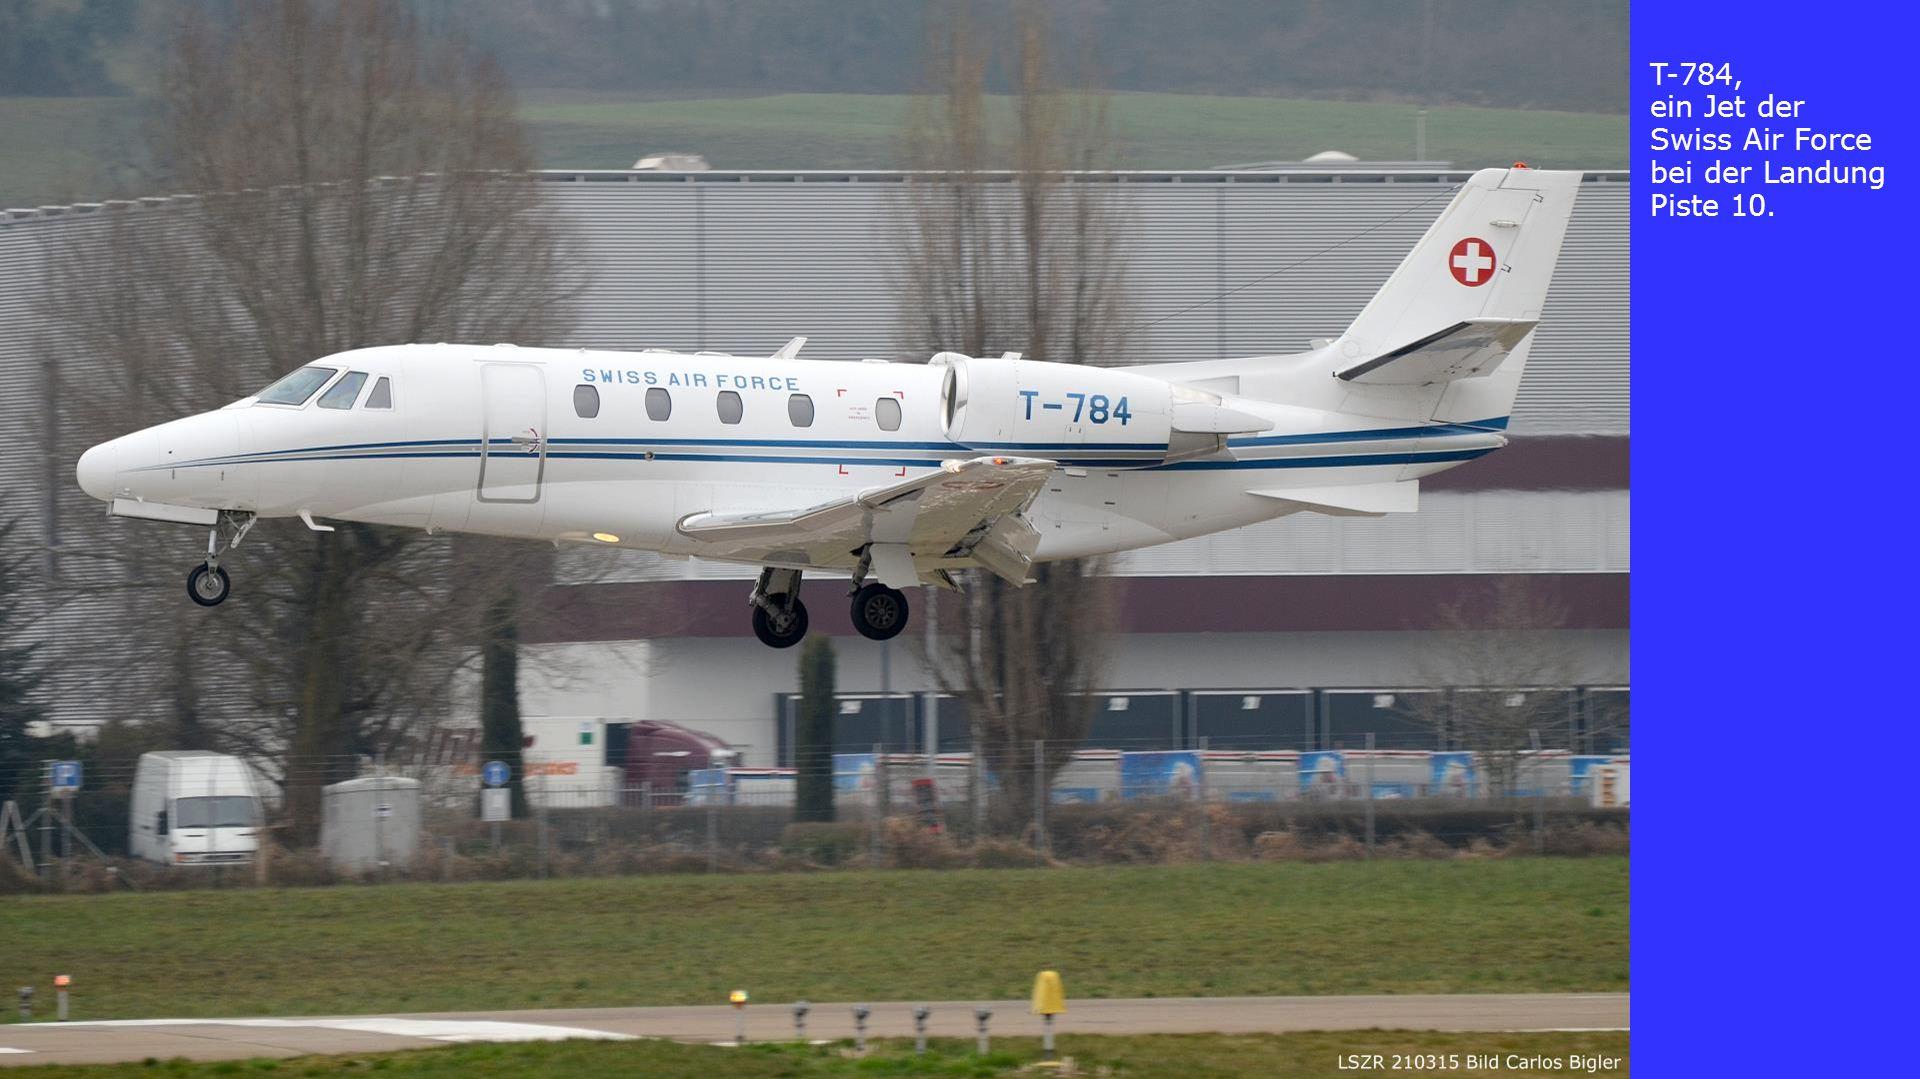 T-784, ein Jet der Swiss Air Force bei der Landung Piste 10.